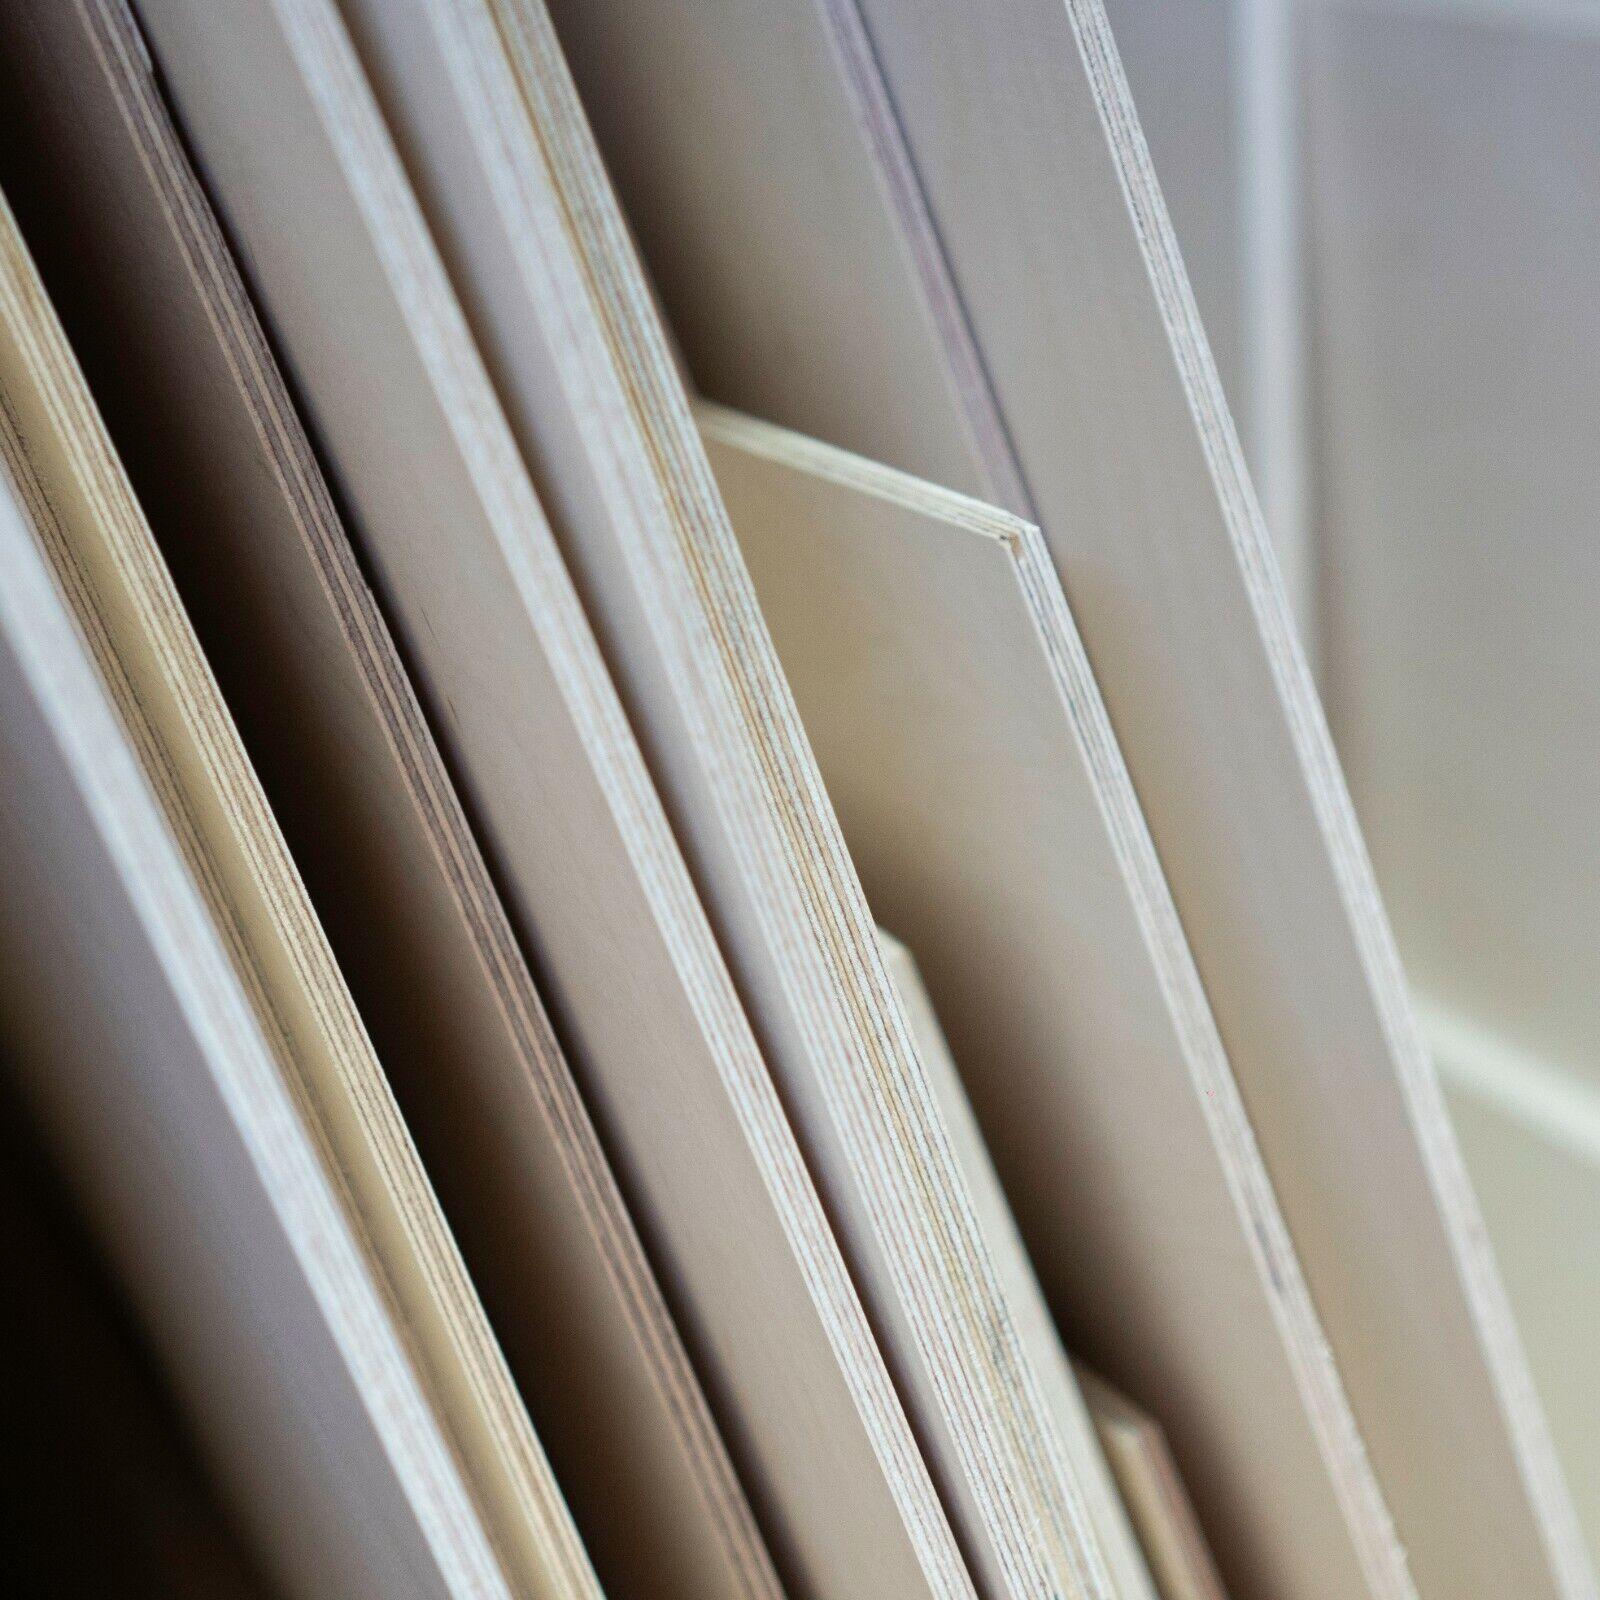 20x20 cm Siebdruckplatte 18mm Zuschnitt Multiplex Birke Holz Bodenplatte